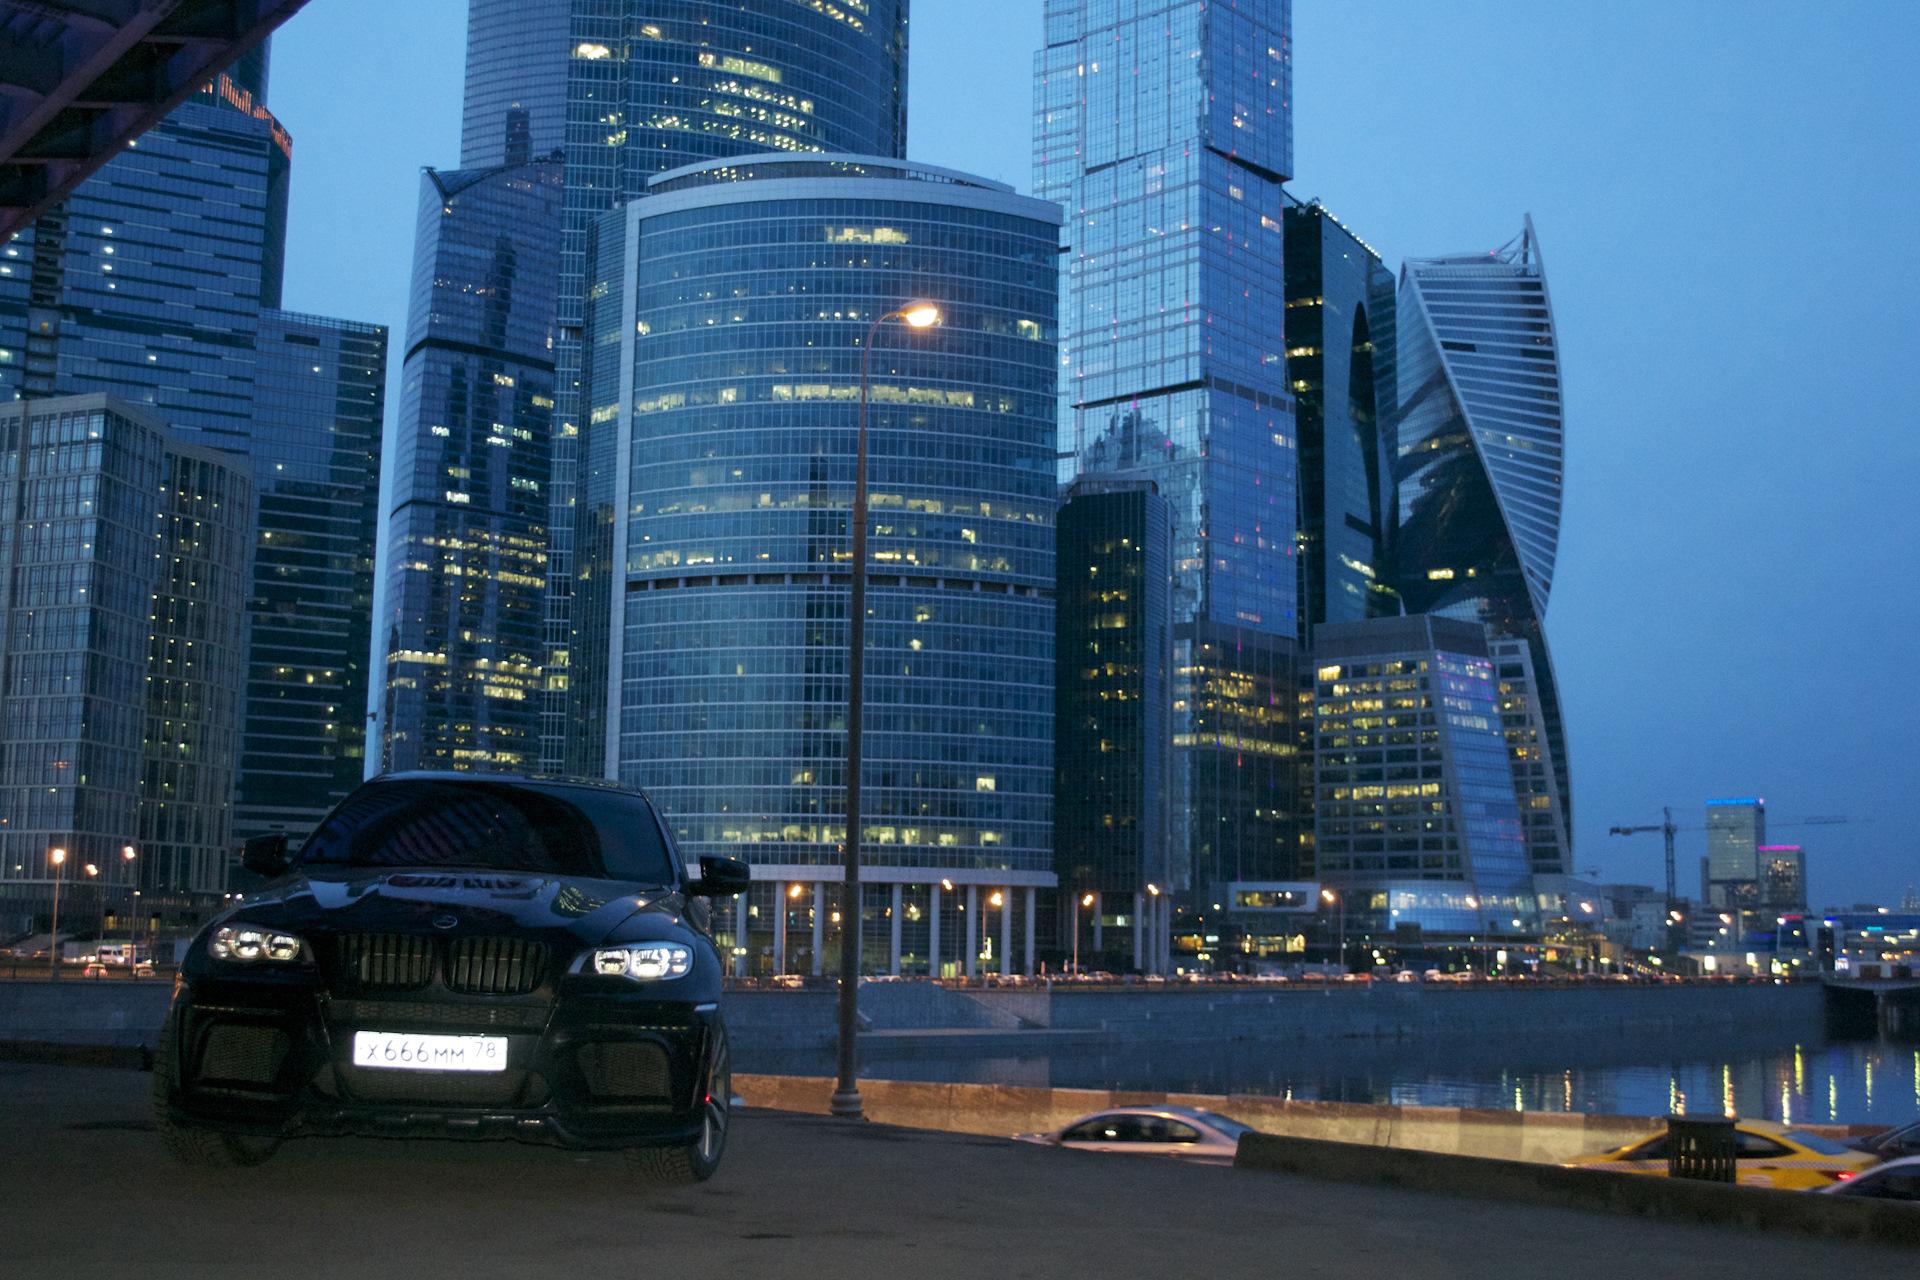 лучшие фото машин в москве днем рождения рождения